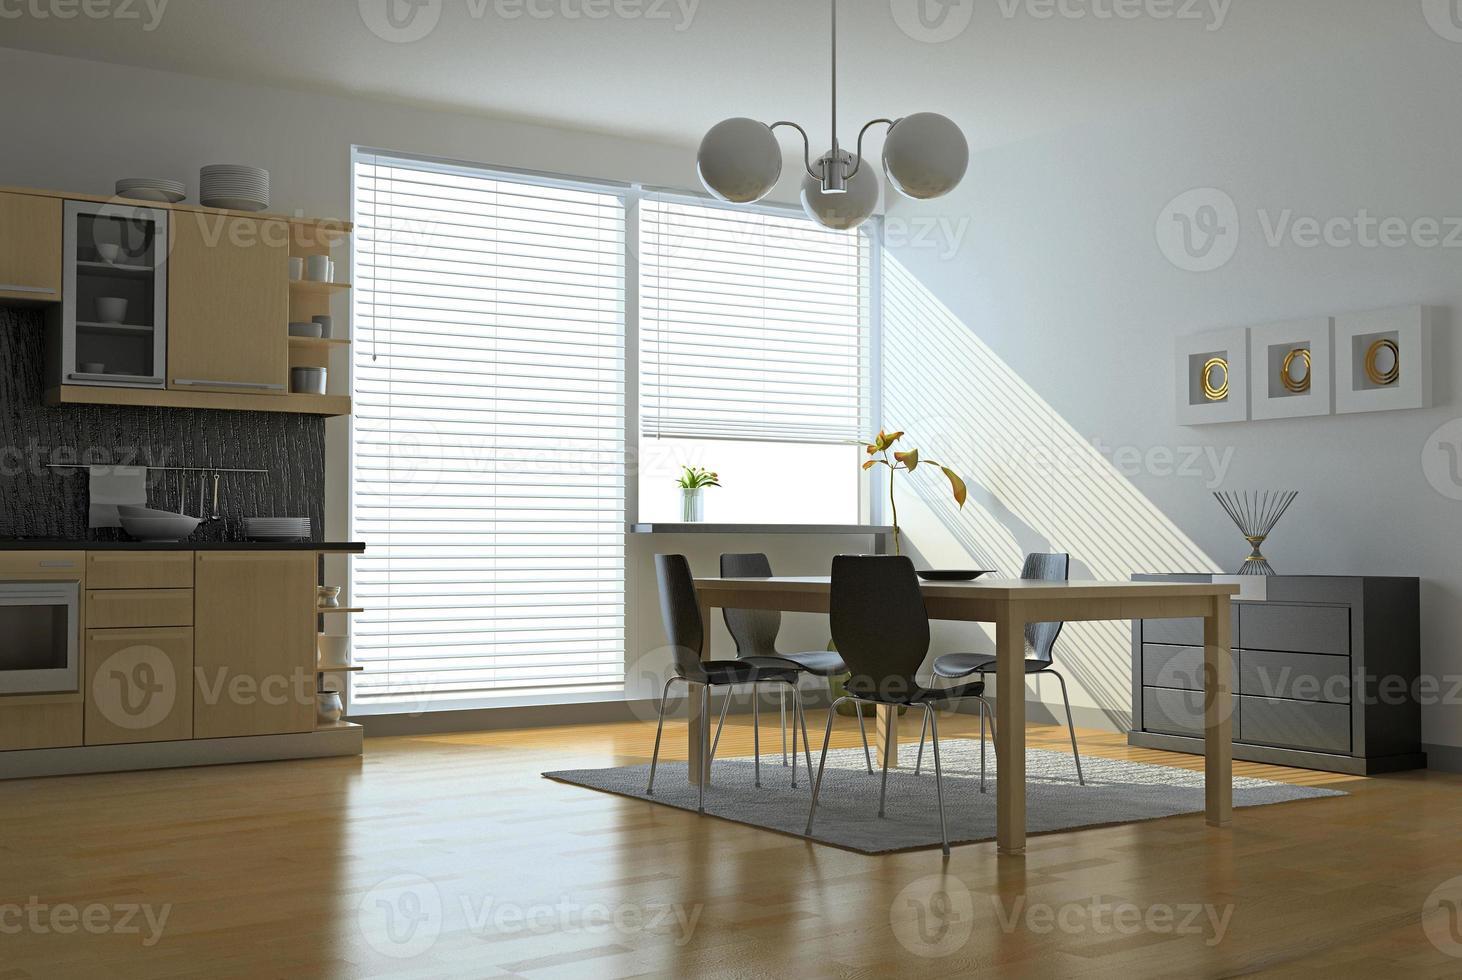 cucina moderna pulita e zona pranzo foto